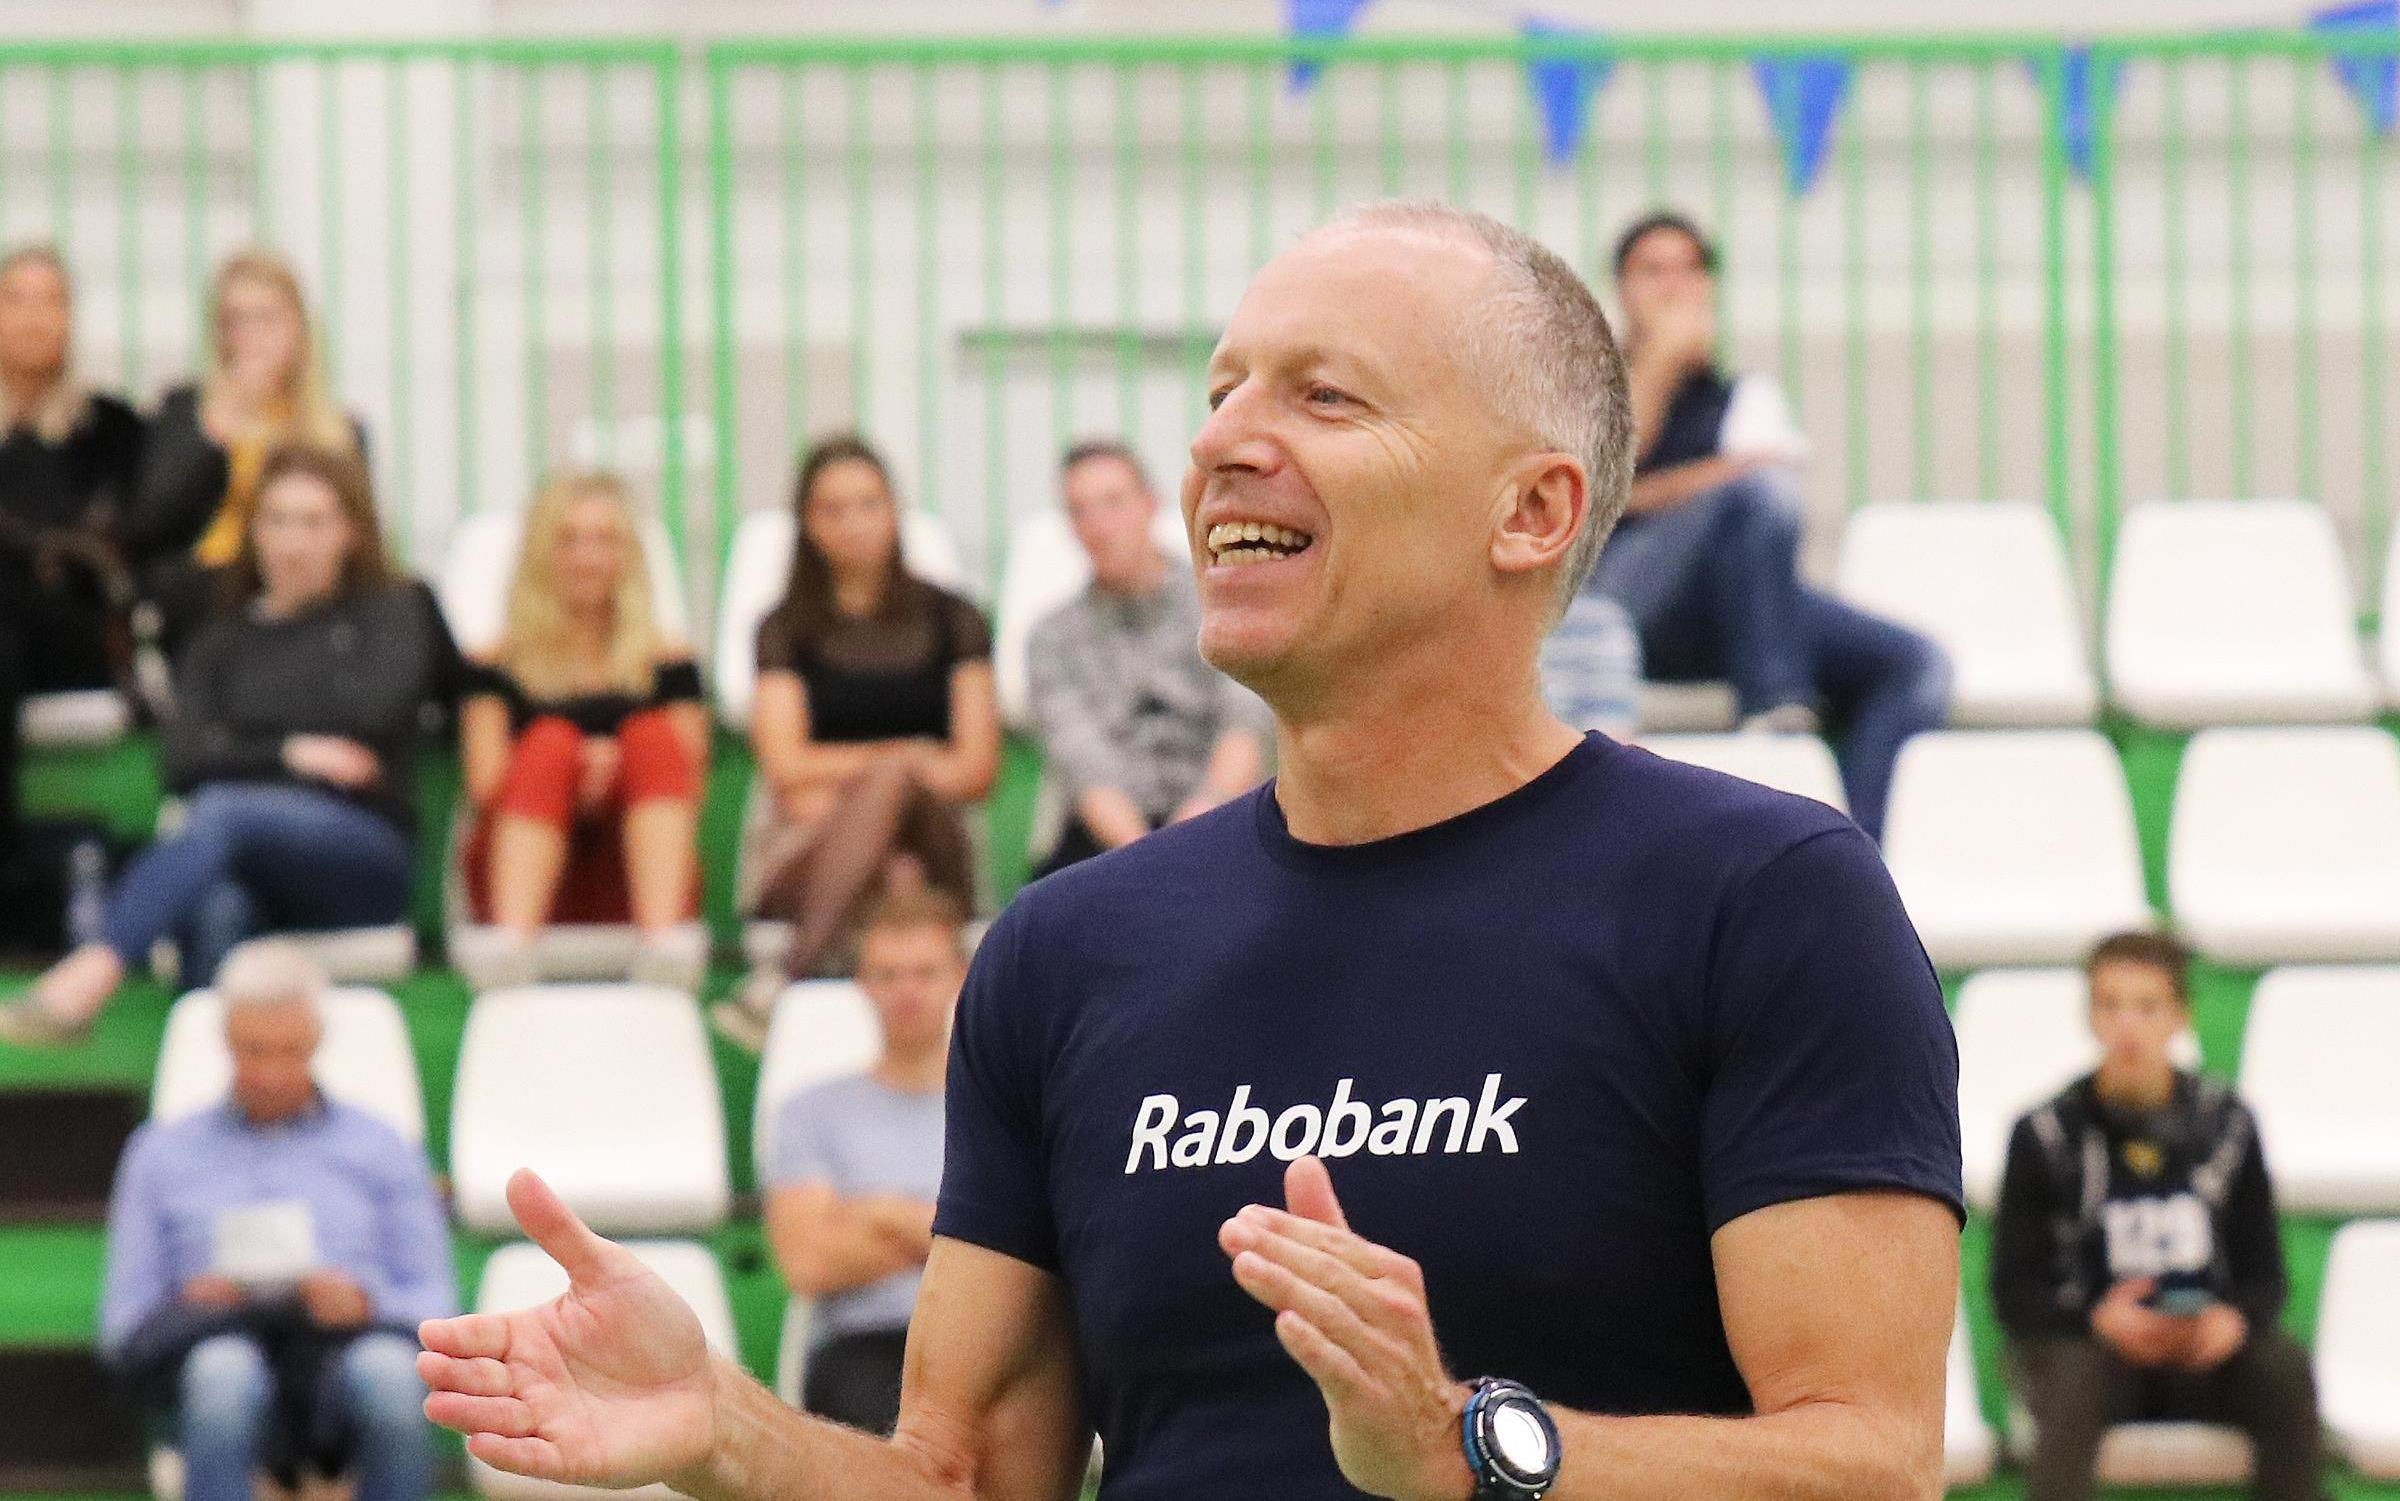 Zaanse volleybaltrainer Sandor Rieuwers bij vrouwenteam Armixtos op voor hem onbekend terrein: 'Gevoel dat ik mijn ei kwijt kan'